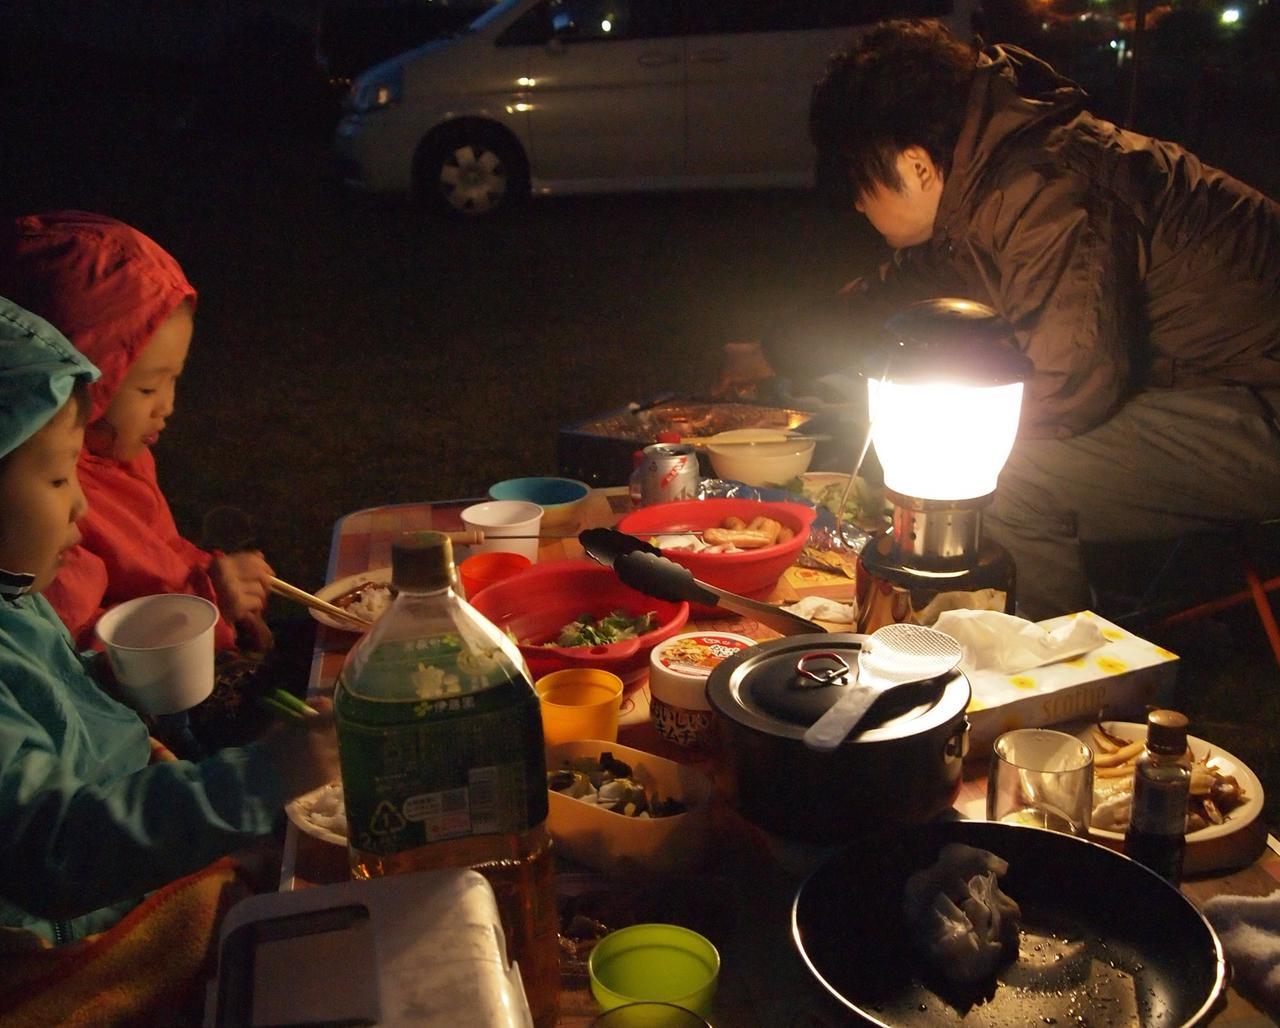 画像: 気温13度程度:膝掛けとホッカイロで暖をとり、何とかご飯を食べている子ども達。